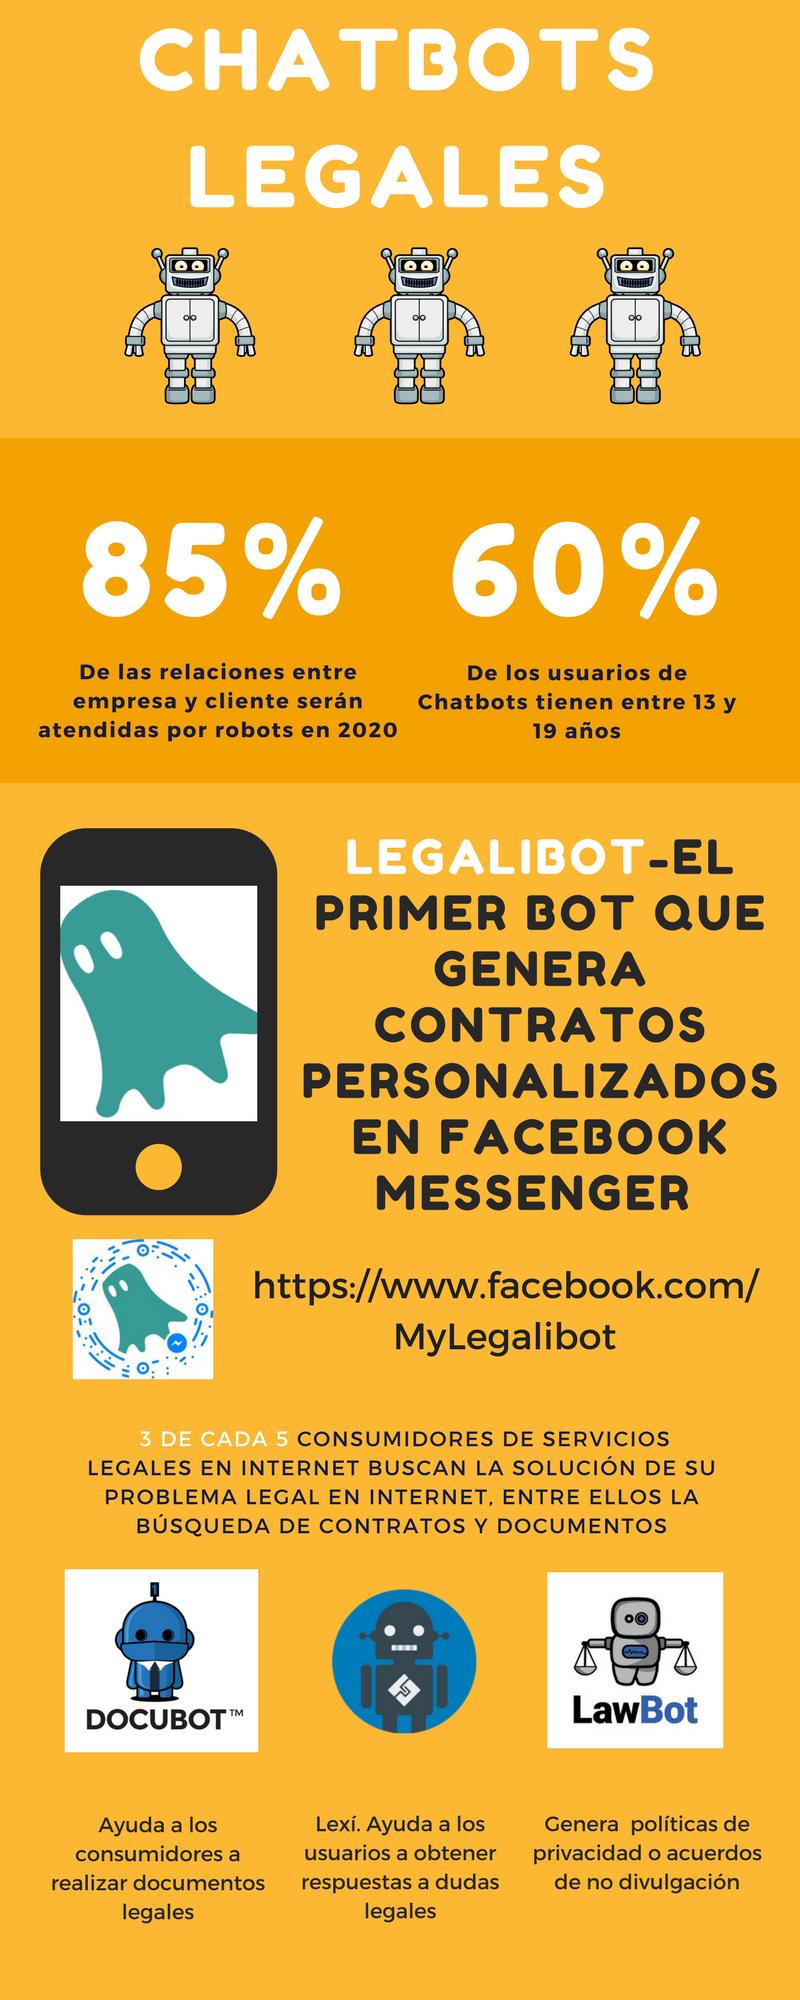 Chatbots legales